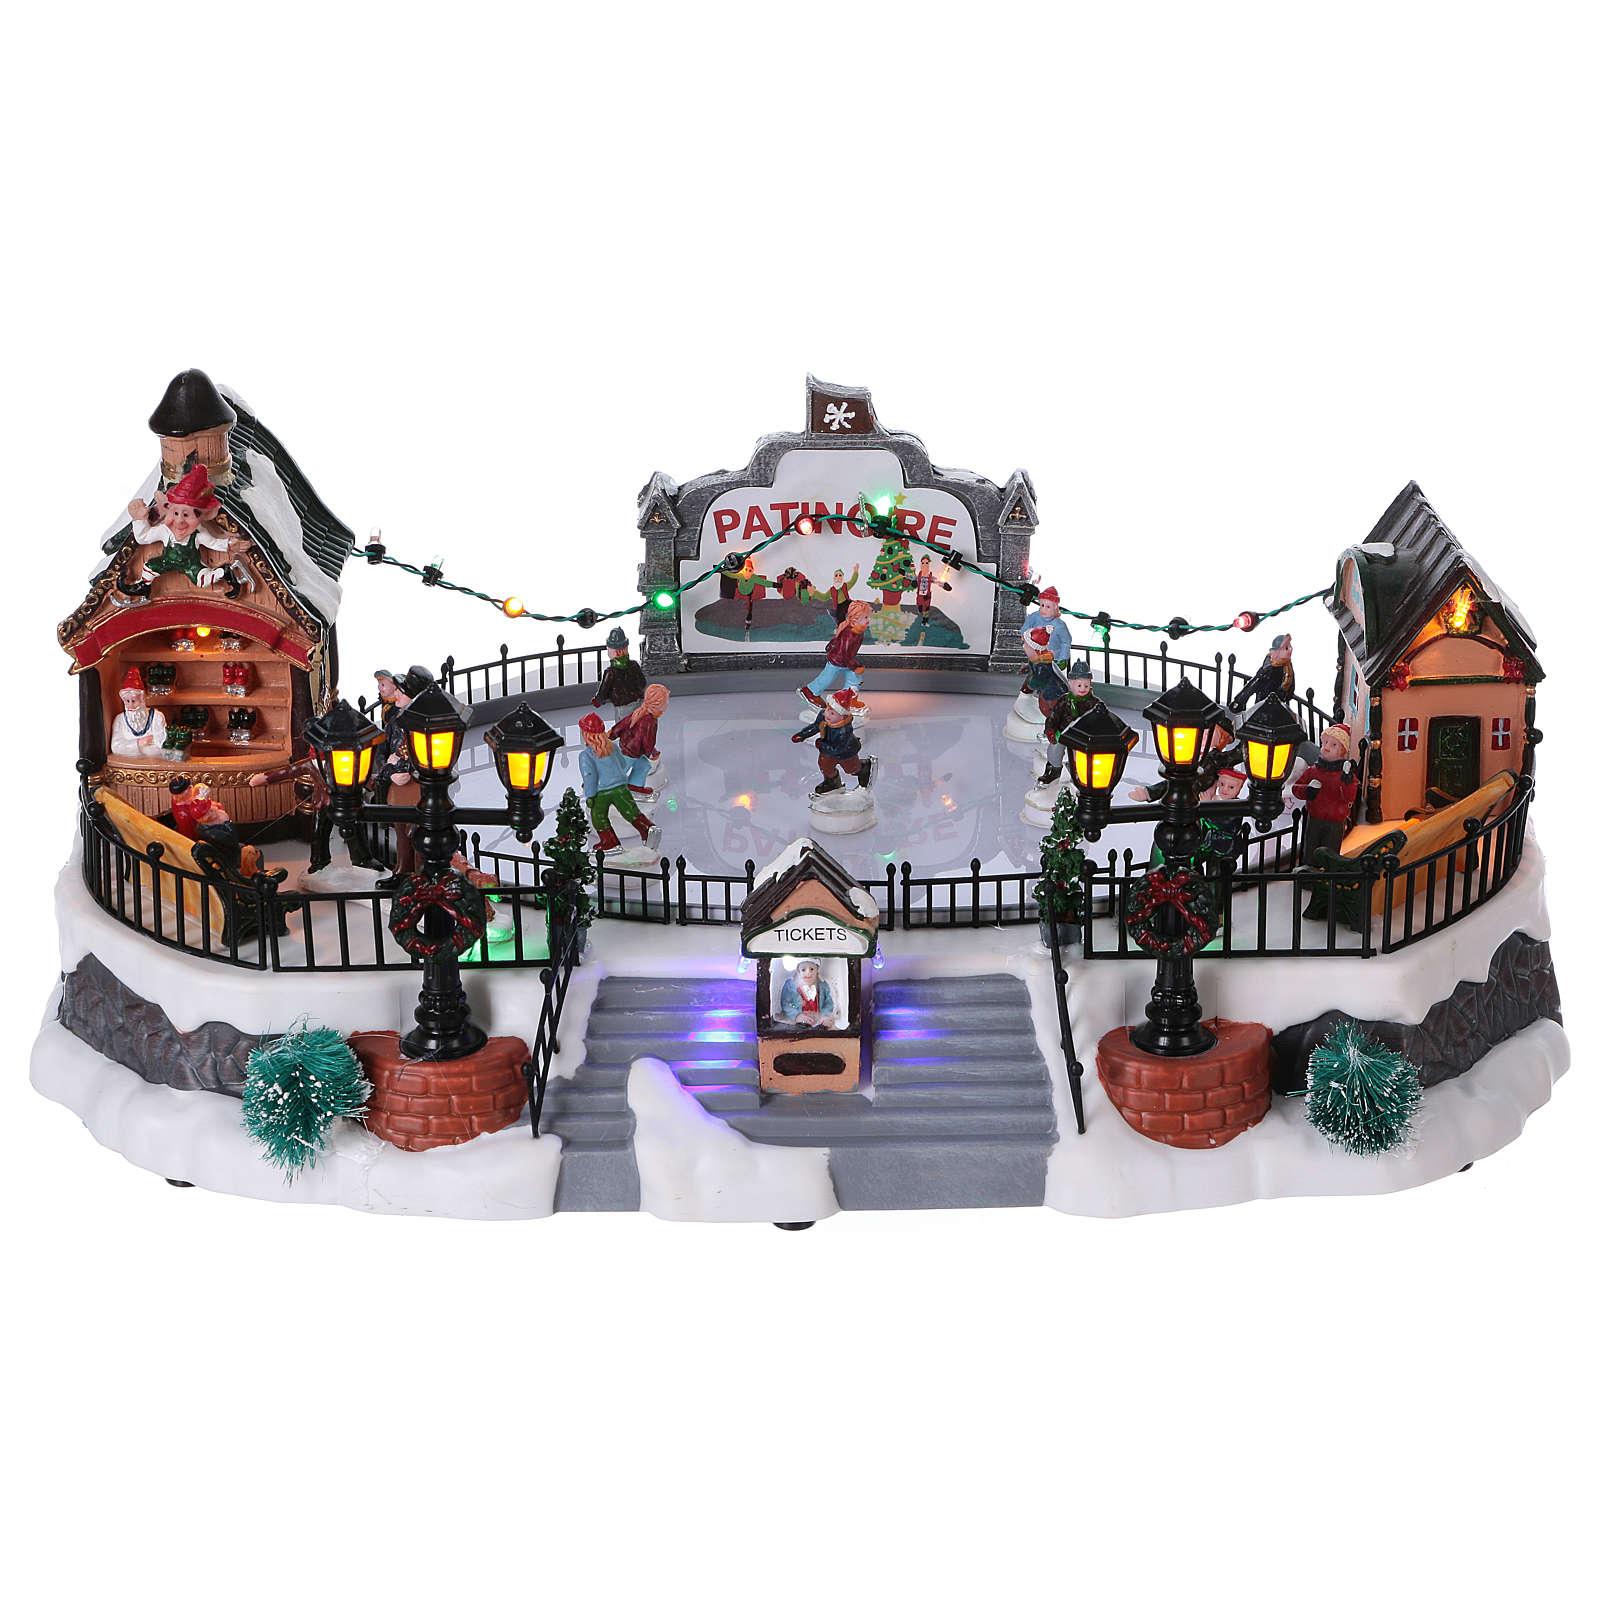 Décor de Noël 20x45x25 cm patinage mouvement gnome courant 3